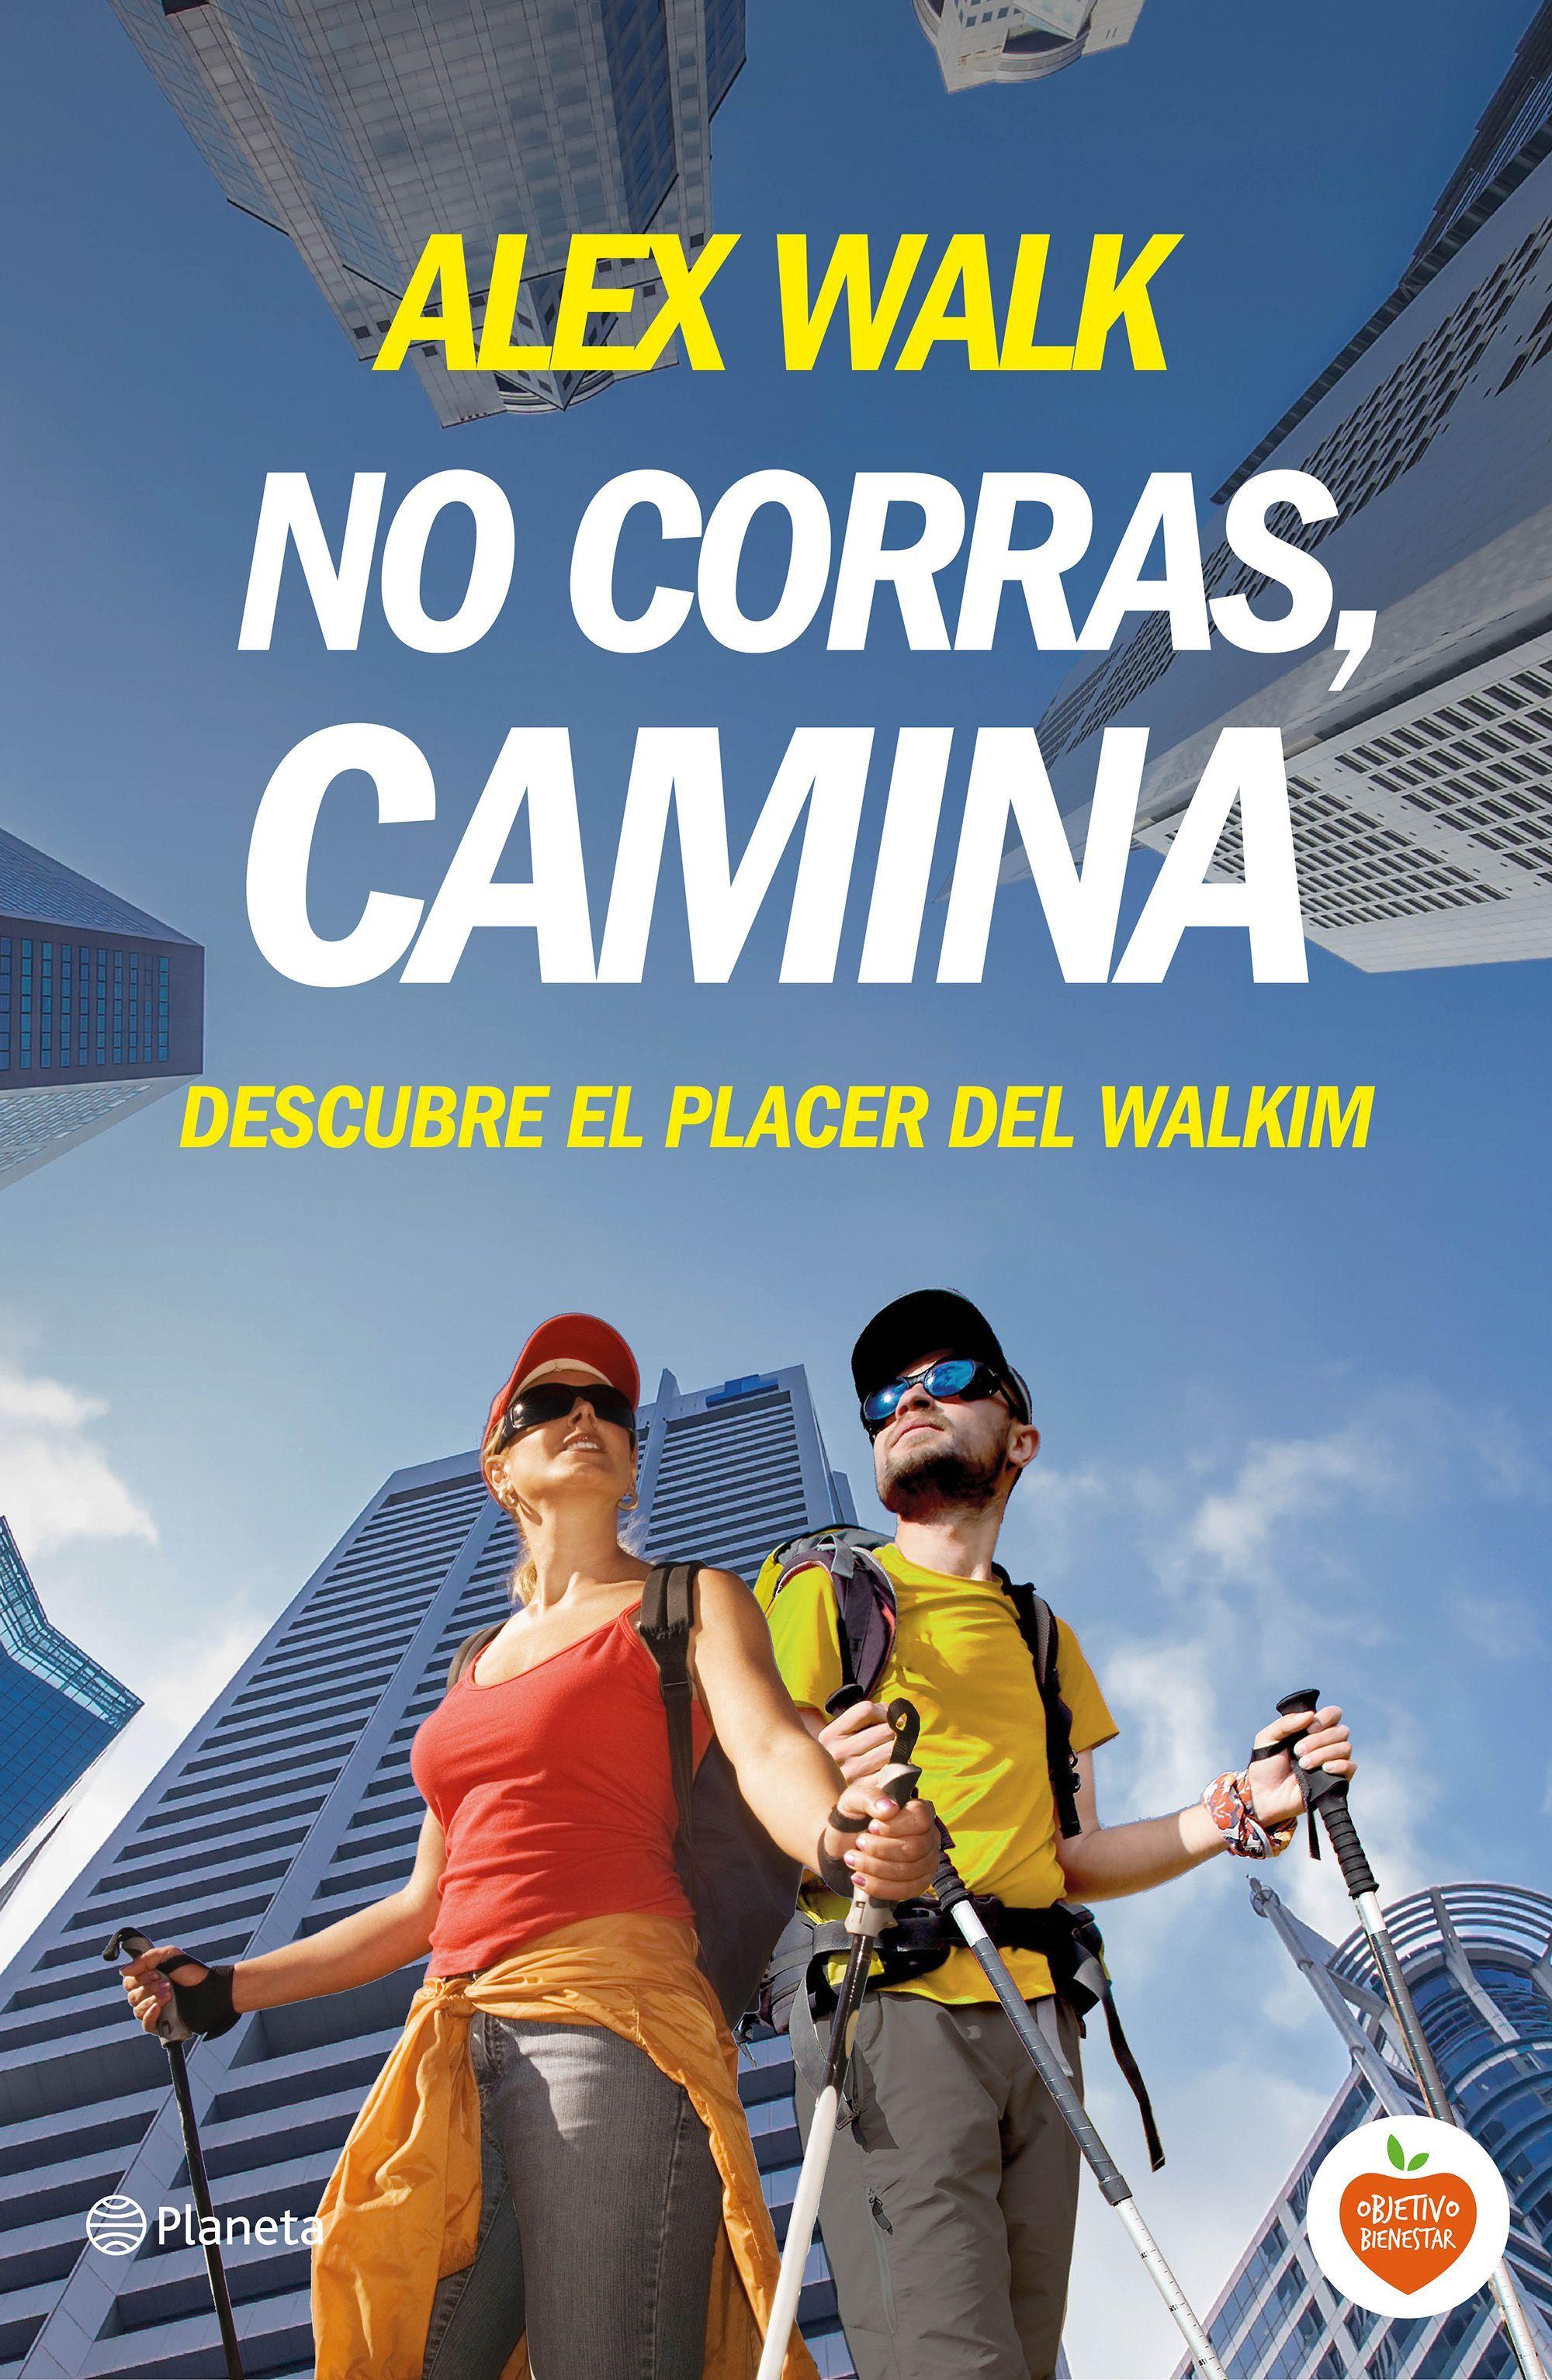 NO CORRAS, CAMINA. DESCUBRE EL PLACER DEL WALKIM